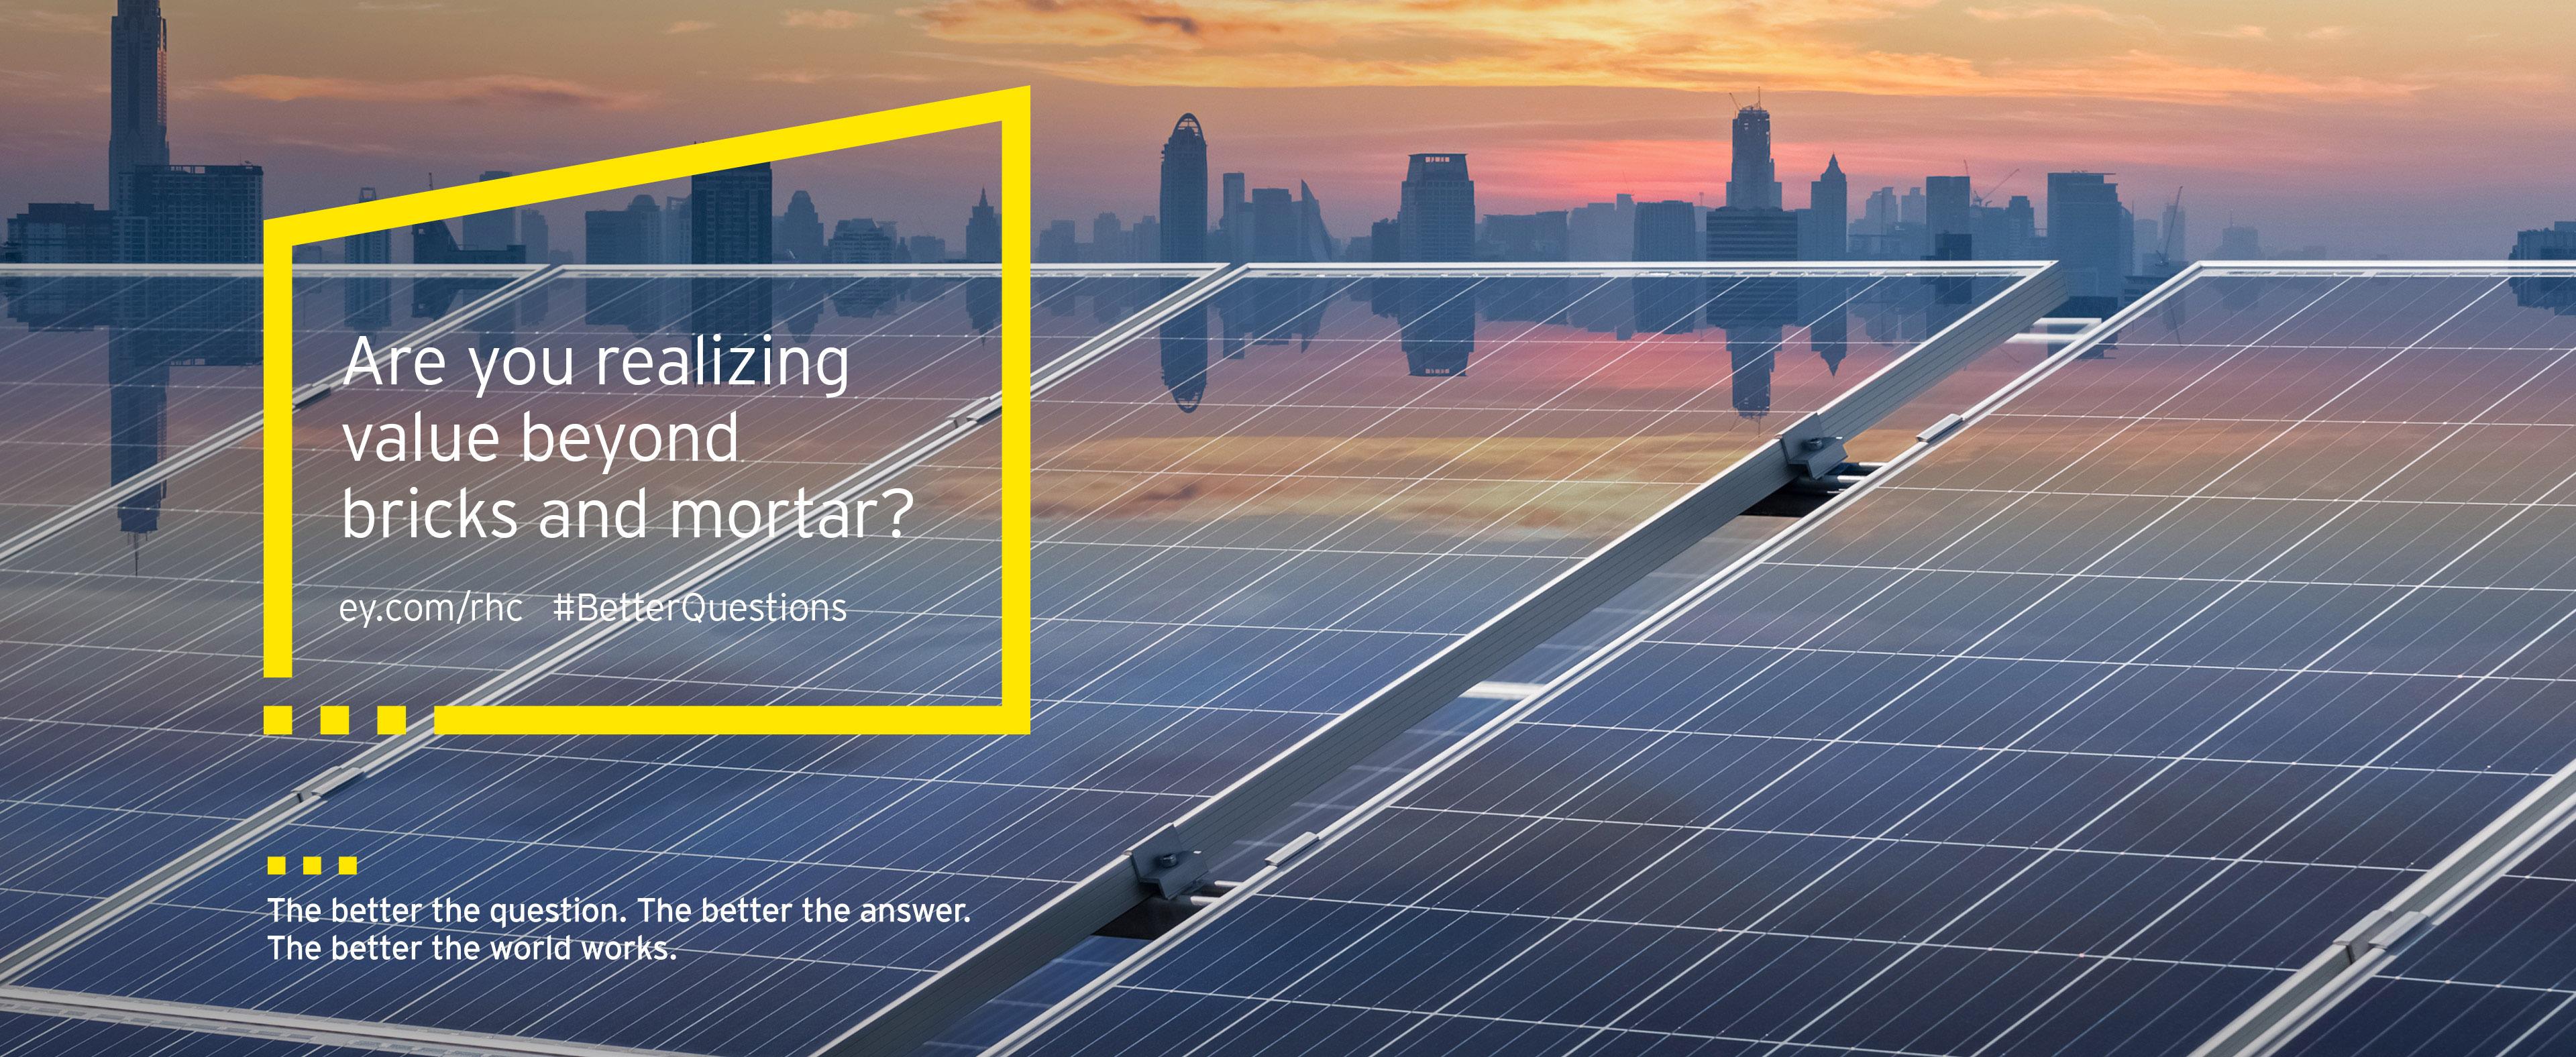 roof solar energy in sunset frame